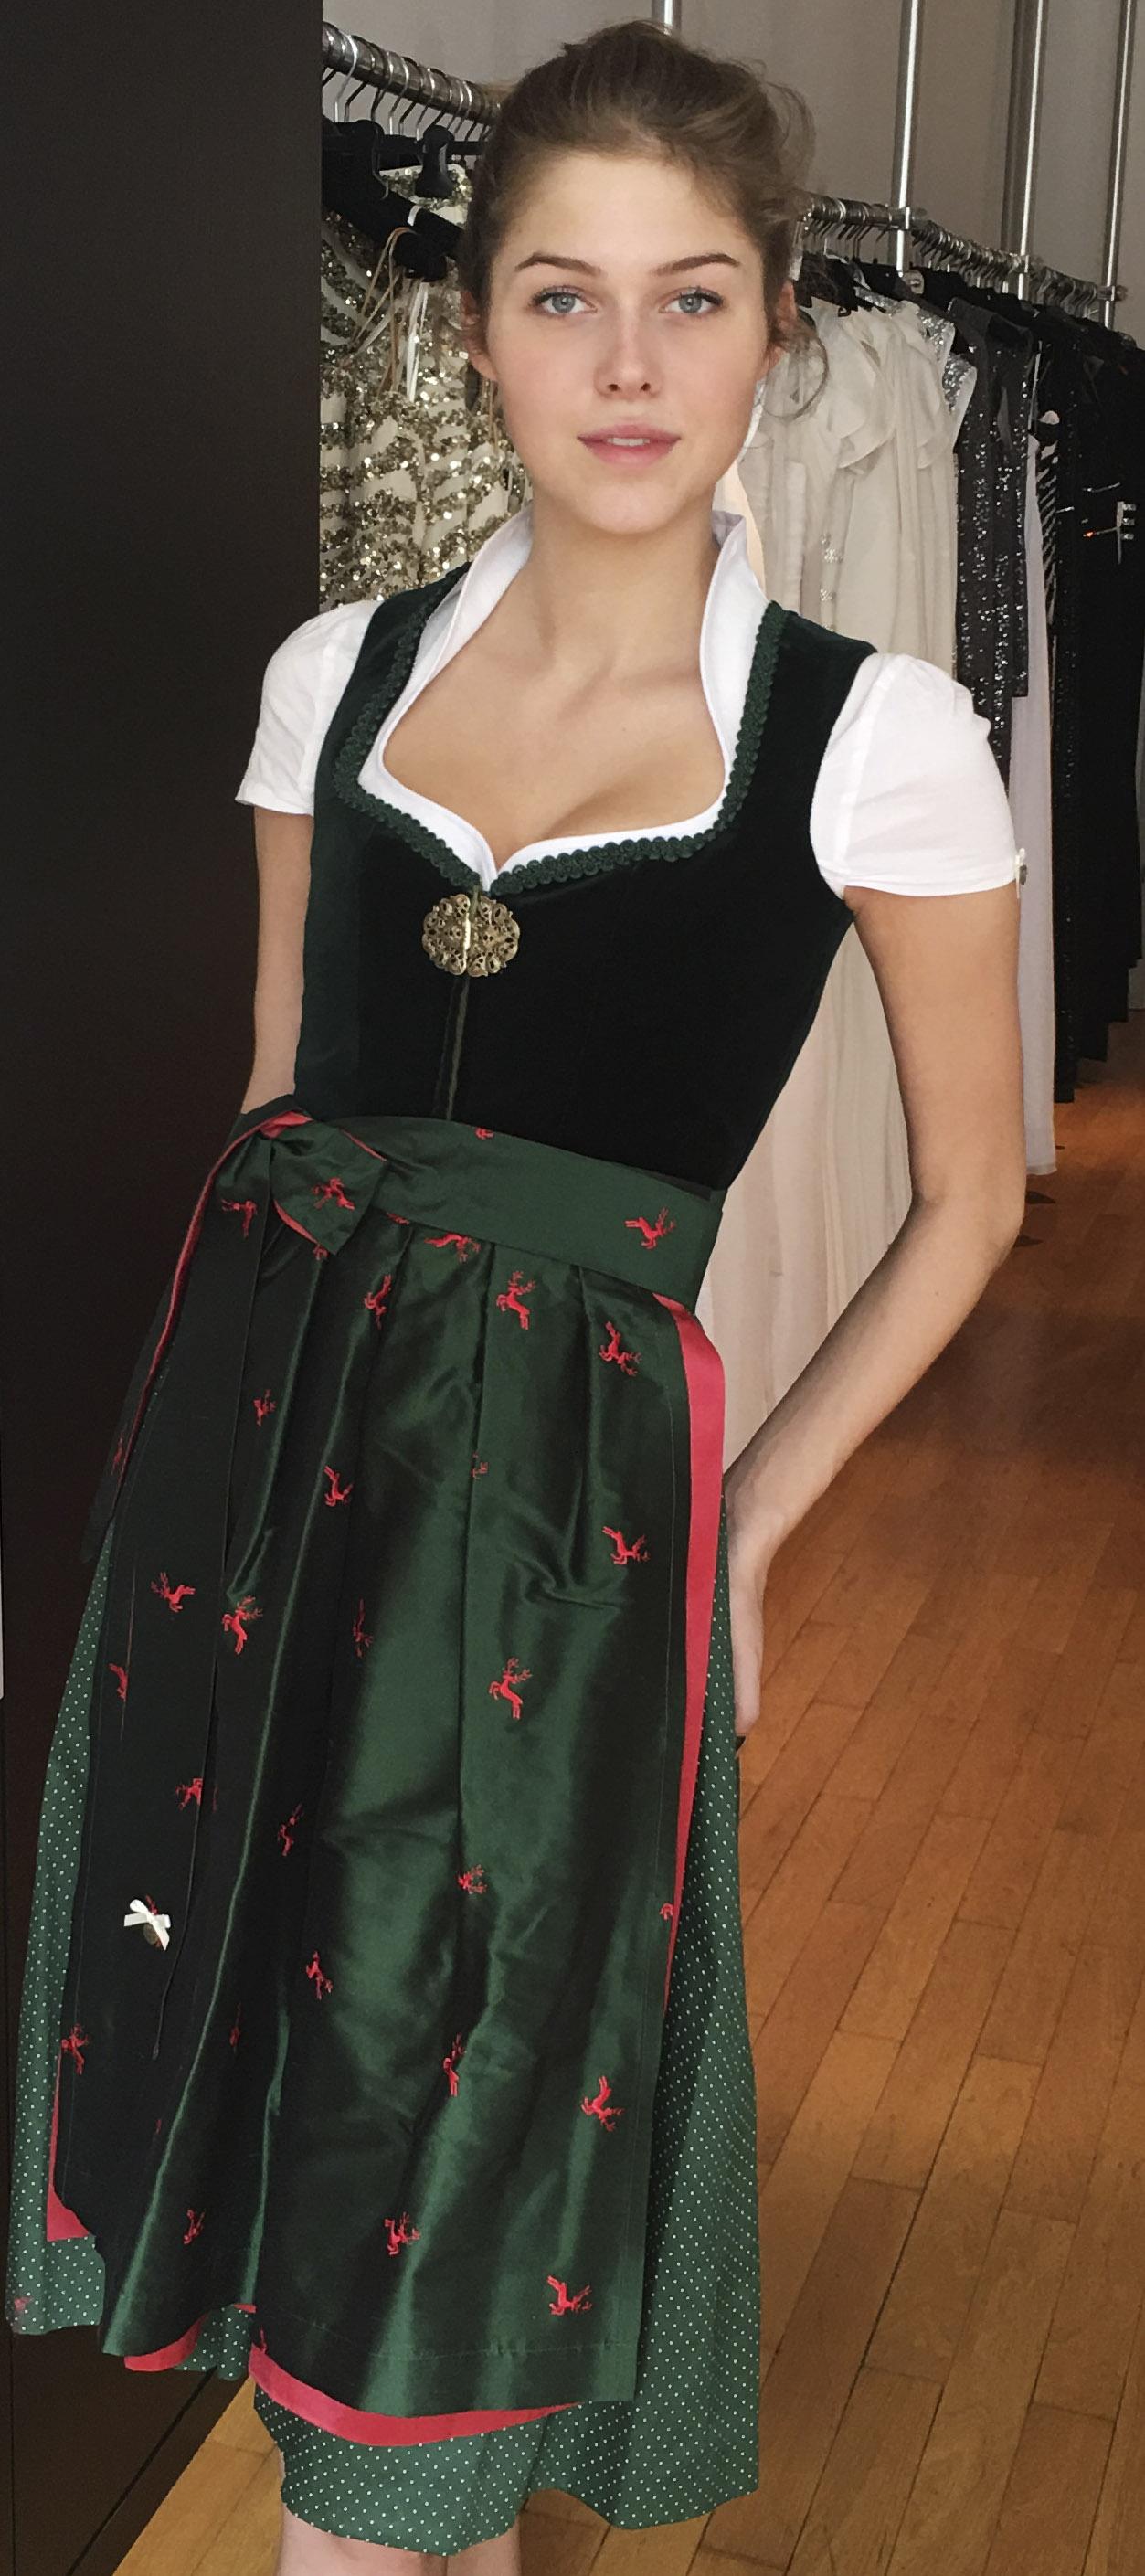 Samtdirndl Elisabeth in Grün mit Hirschschürze